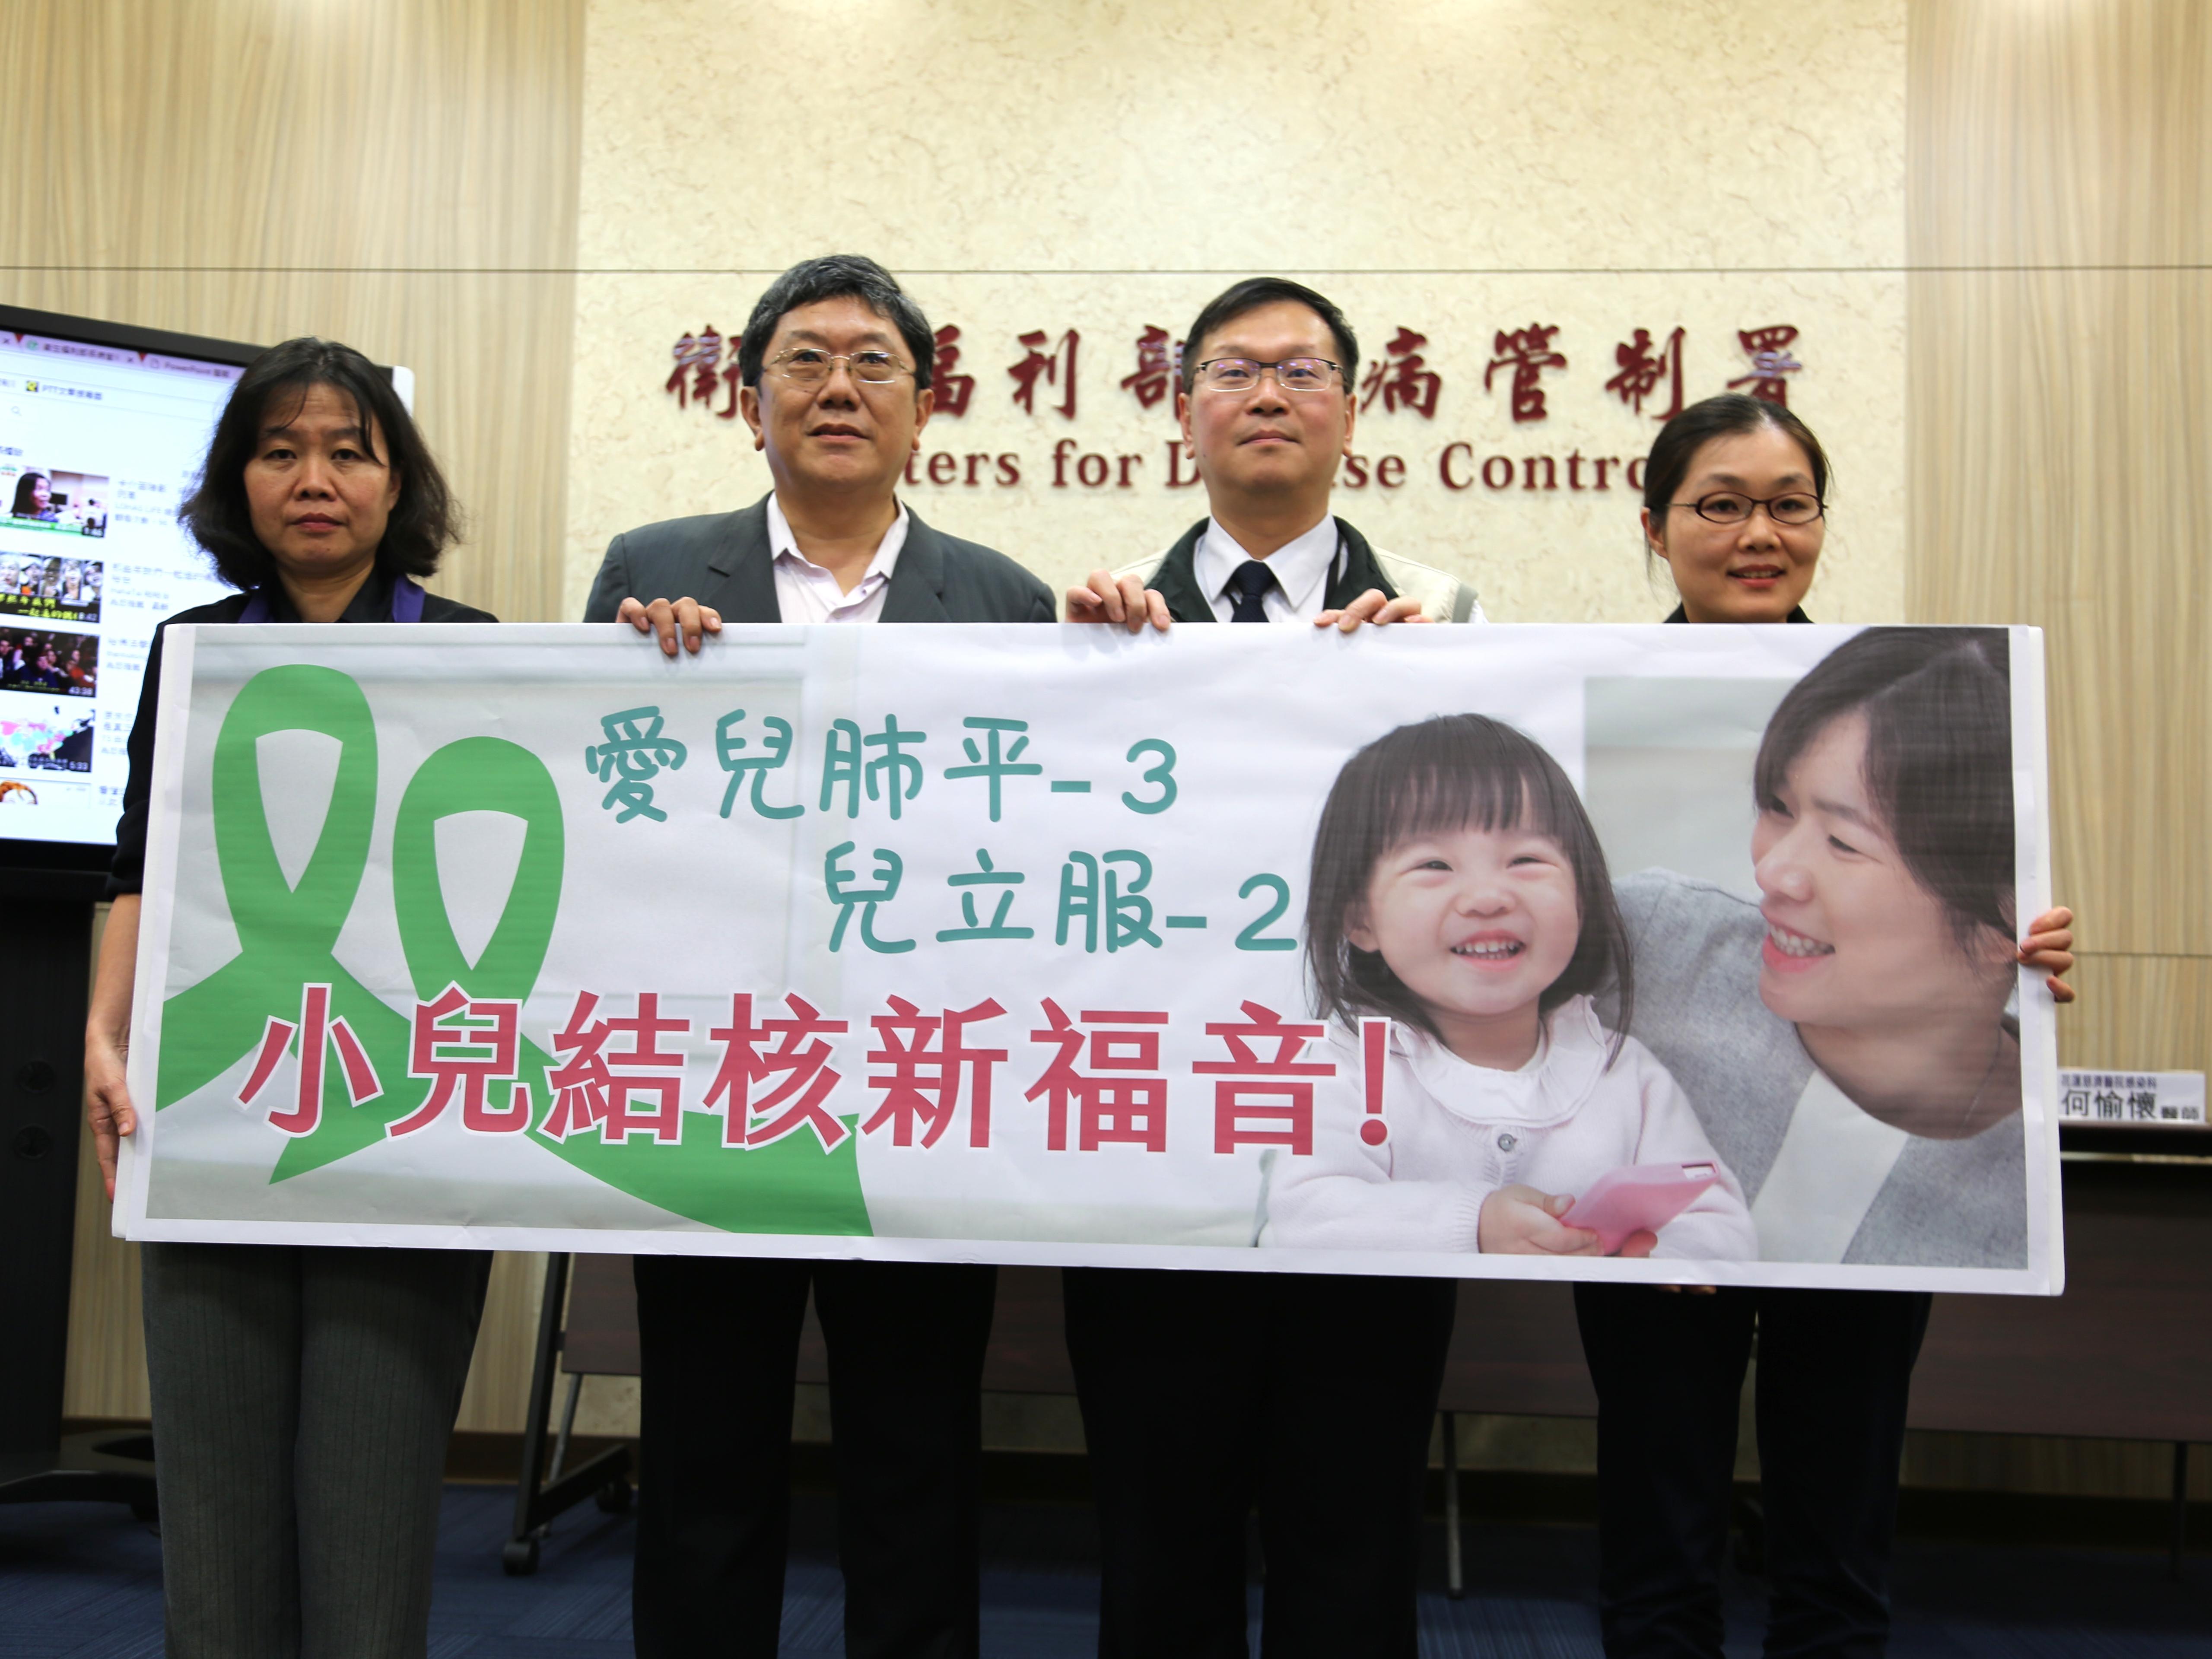 疾管署向全球藥物基金(Global Drug Facility, GDF)引進全球最新兒童抗結核病固定劑量複方可溶錠「愛兒肺平-3」及「兒立服-2」,活動照片